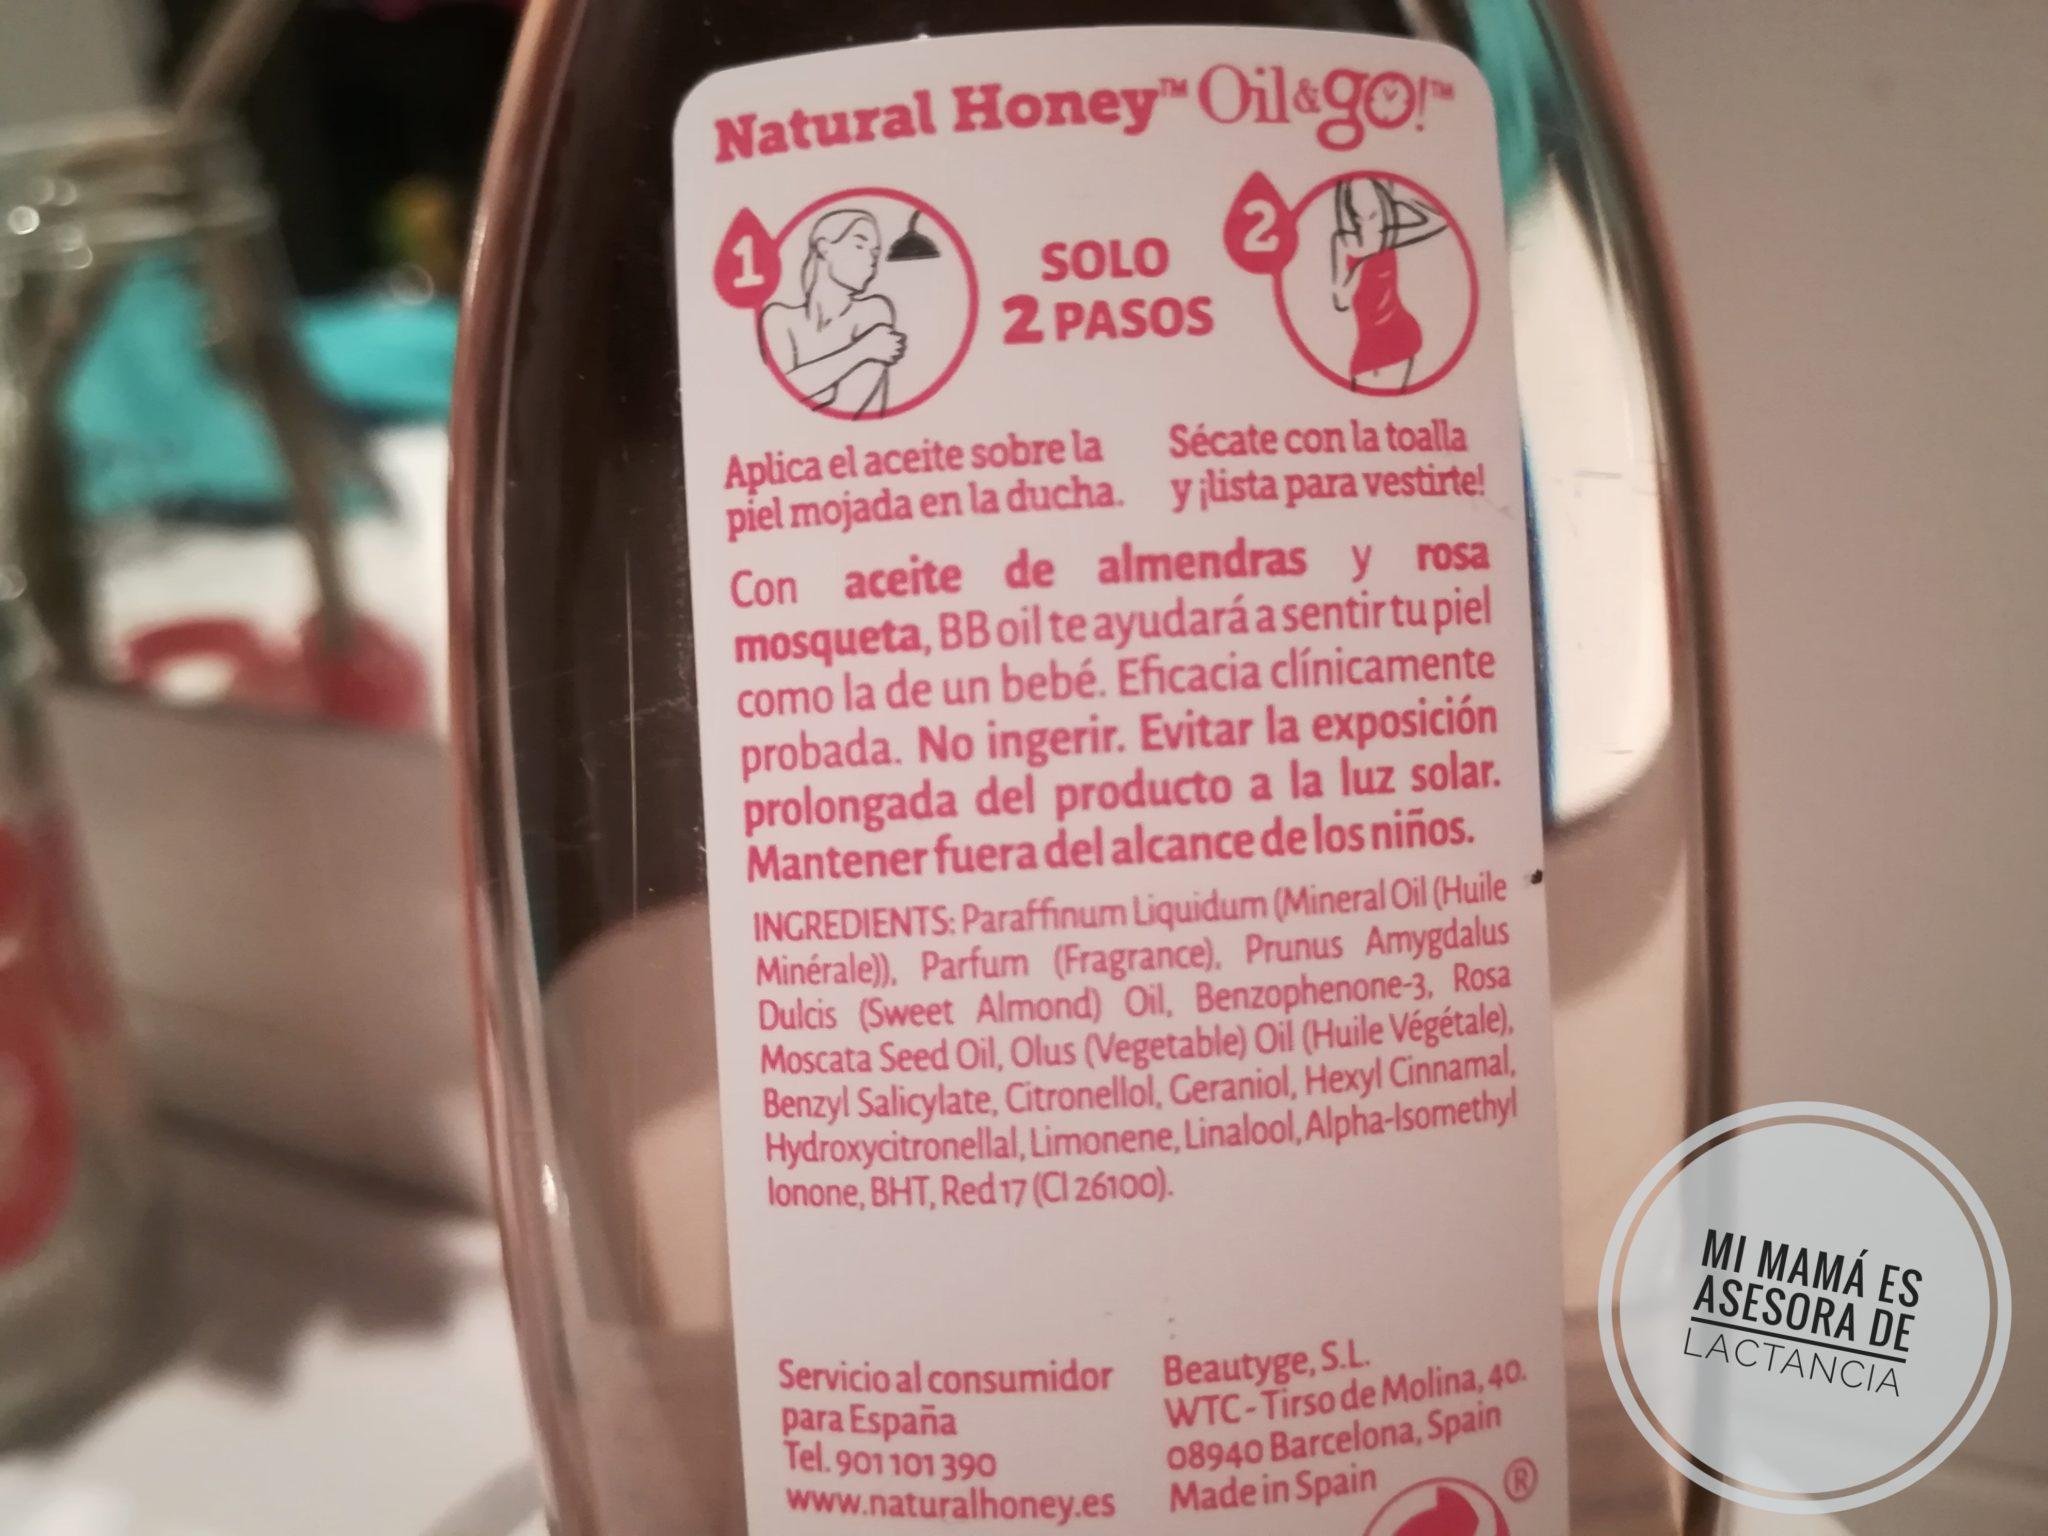 IMG 20170808 181508 01 - Probamos Oil&Go de Natural Honey